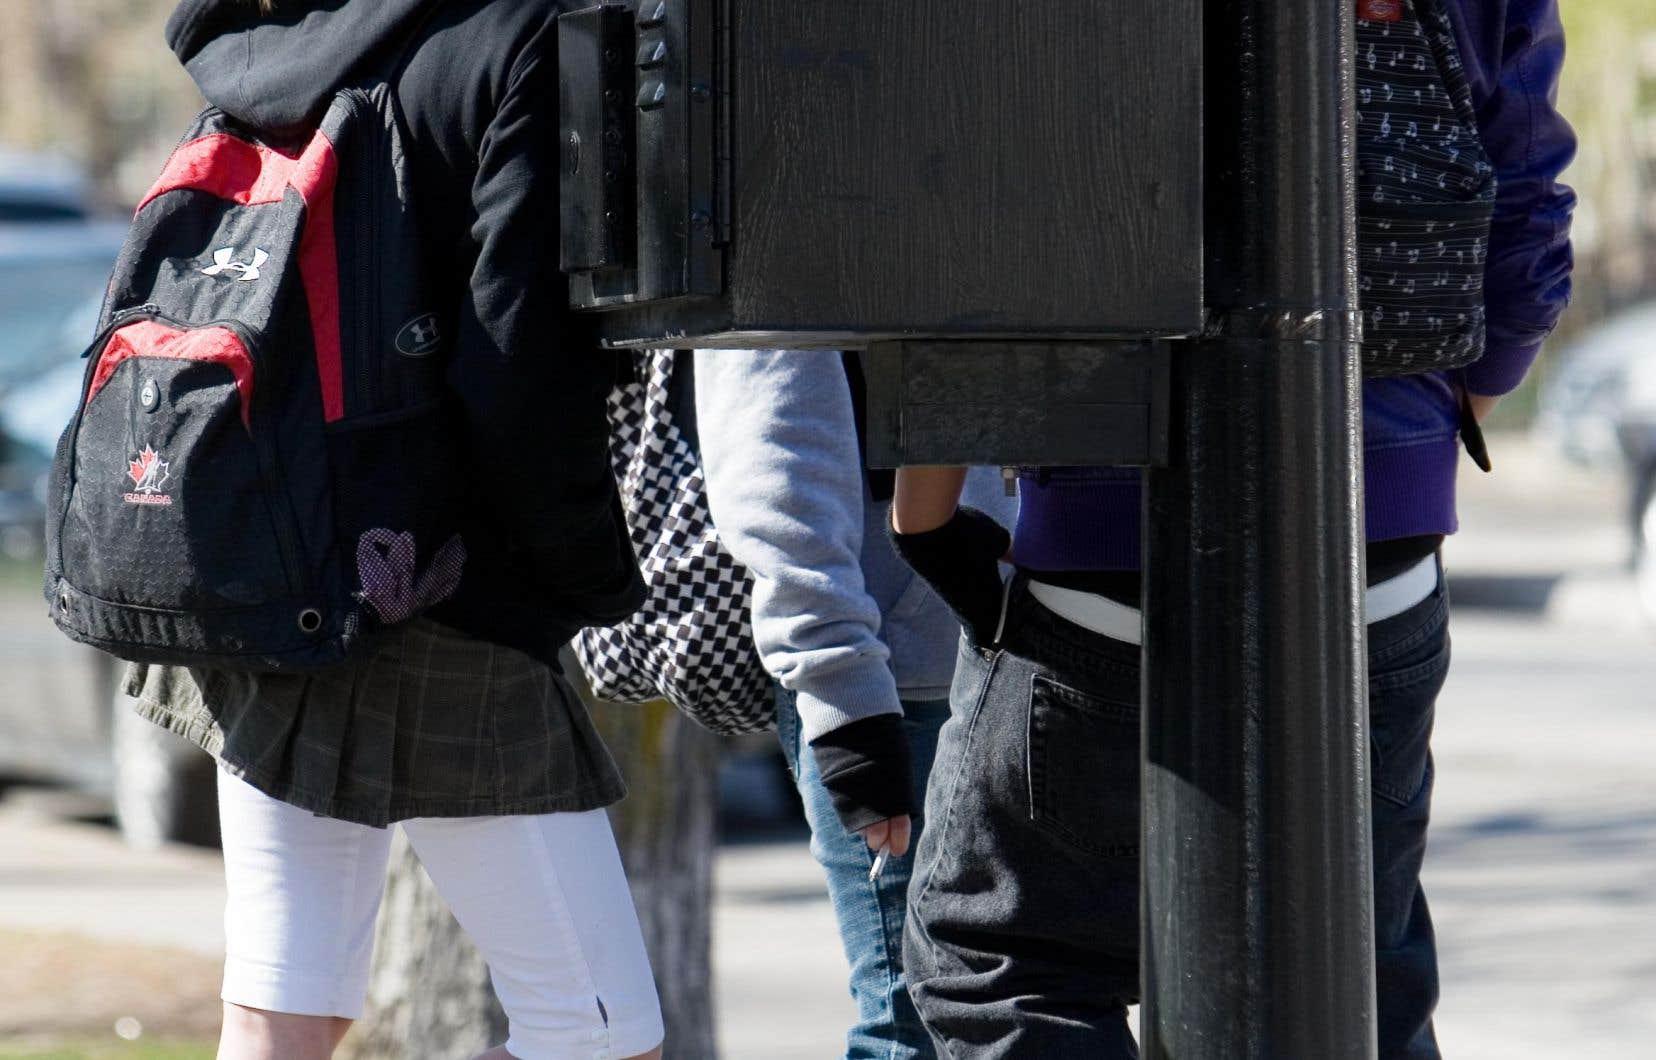 L'enquête révèle que les adolescents commencent à remarquer l'inégalité entre les sexes pour la première fois vers 11 ans en moyenne.